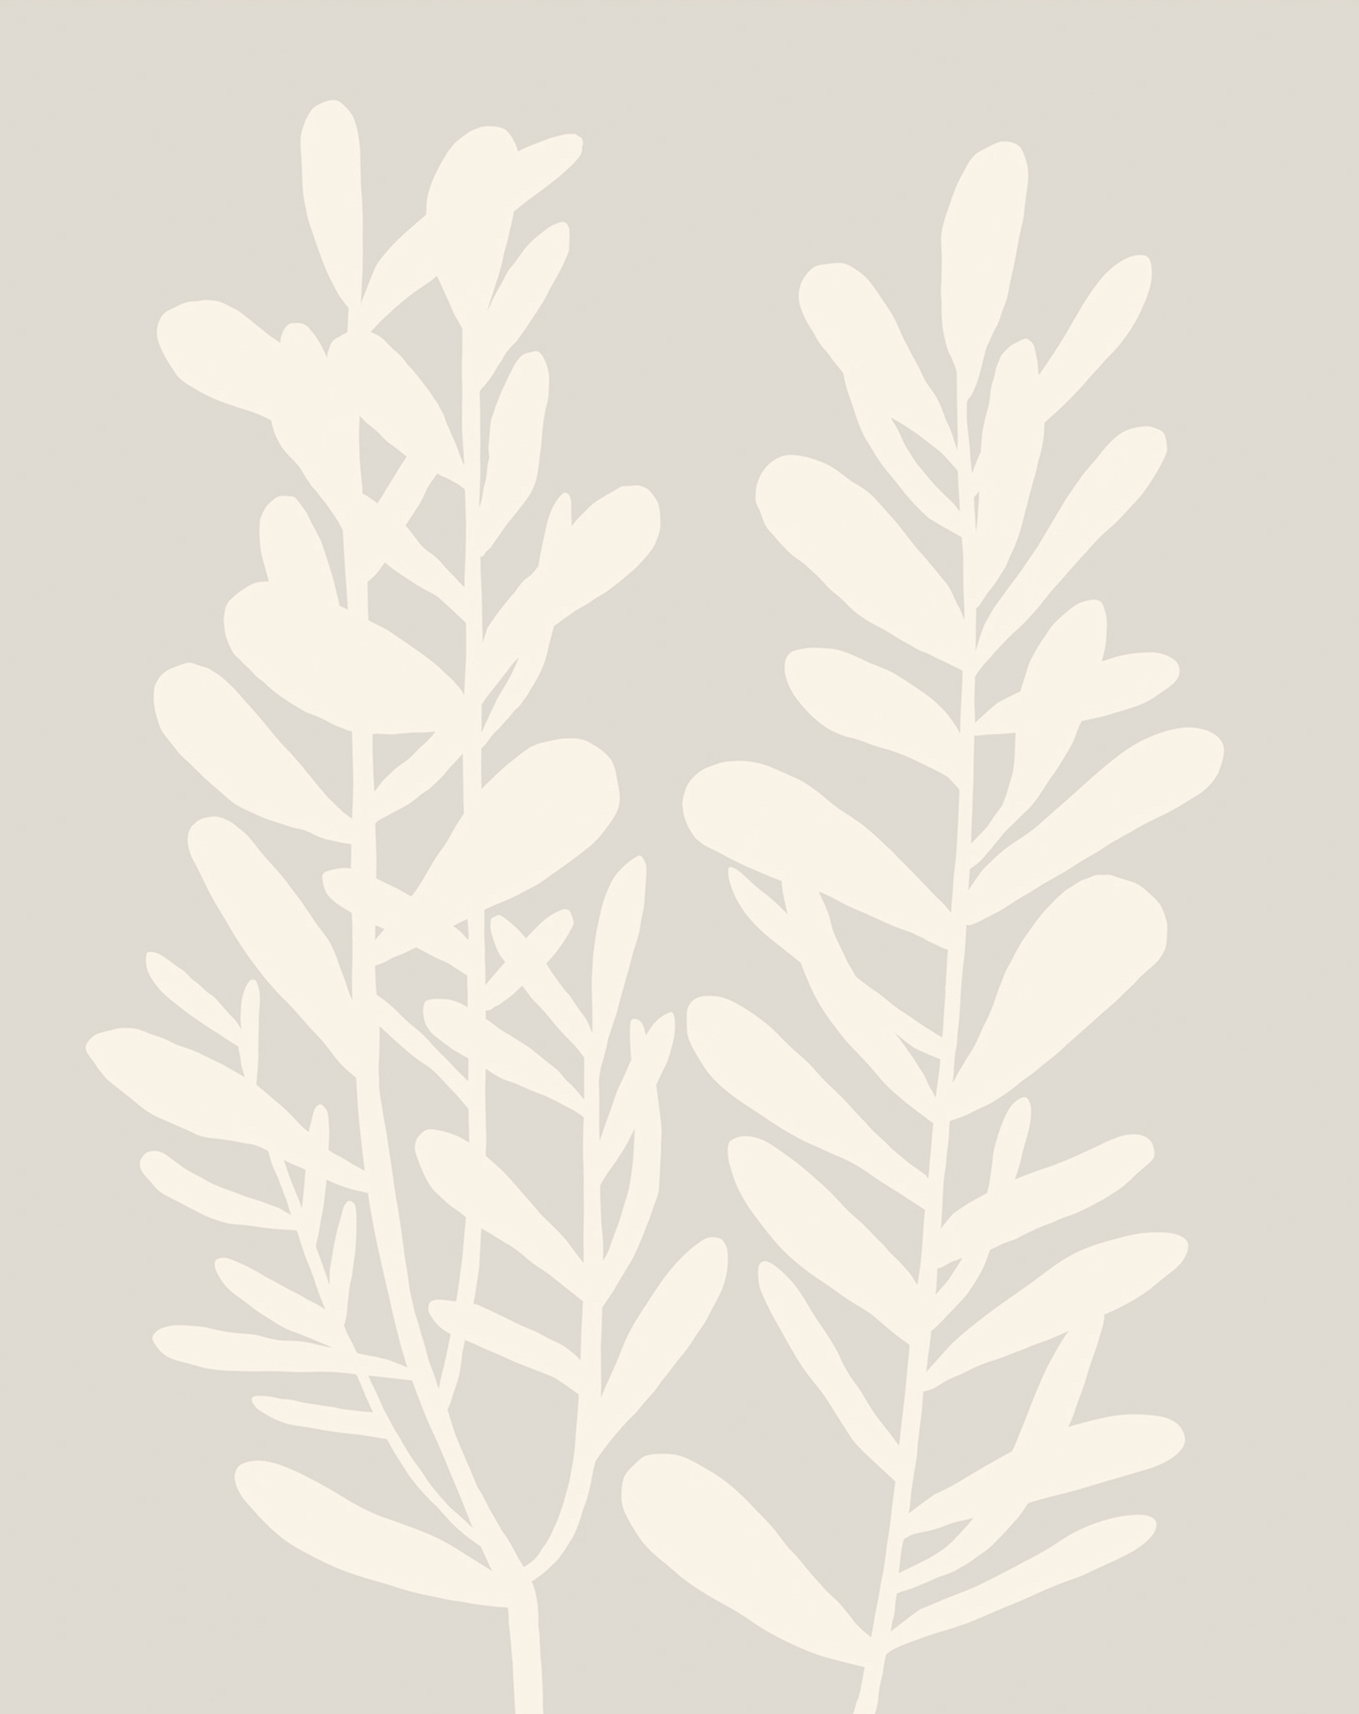 Foliage_no2_P123_Catalog_Sarah_Golden_logo_web.jpg